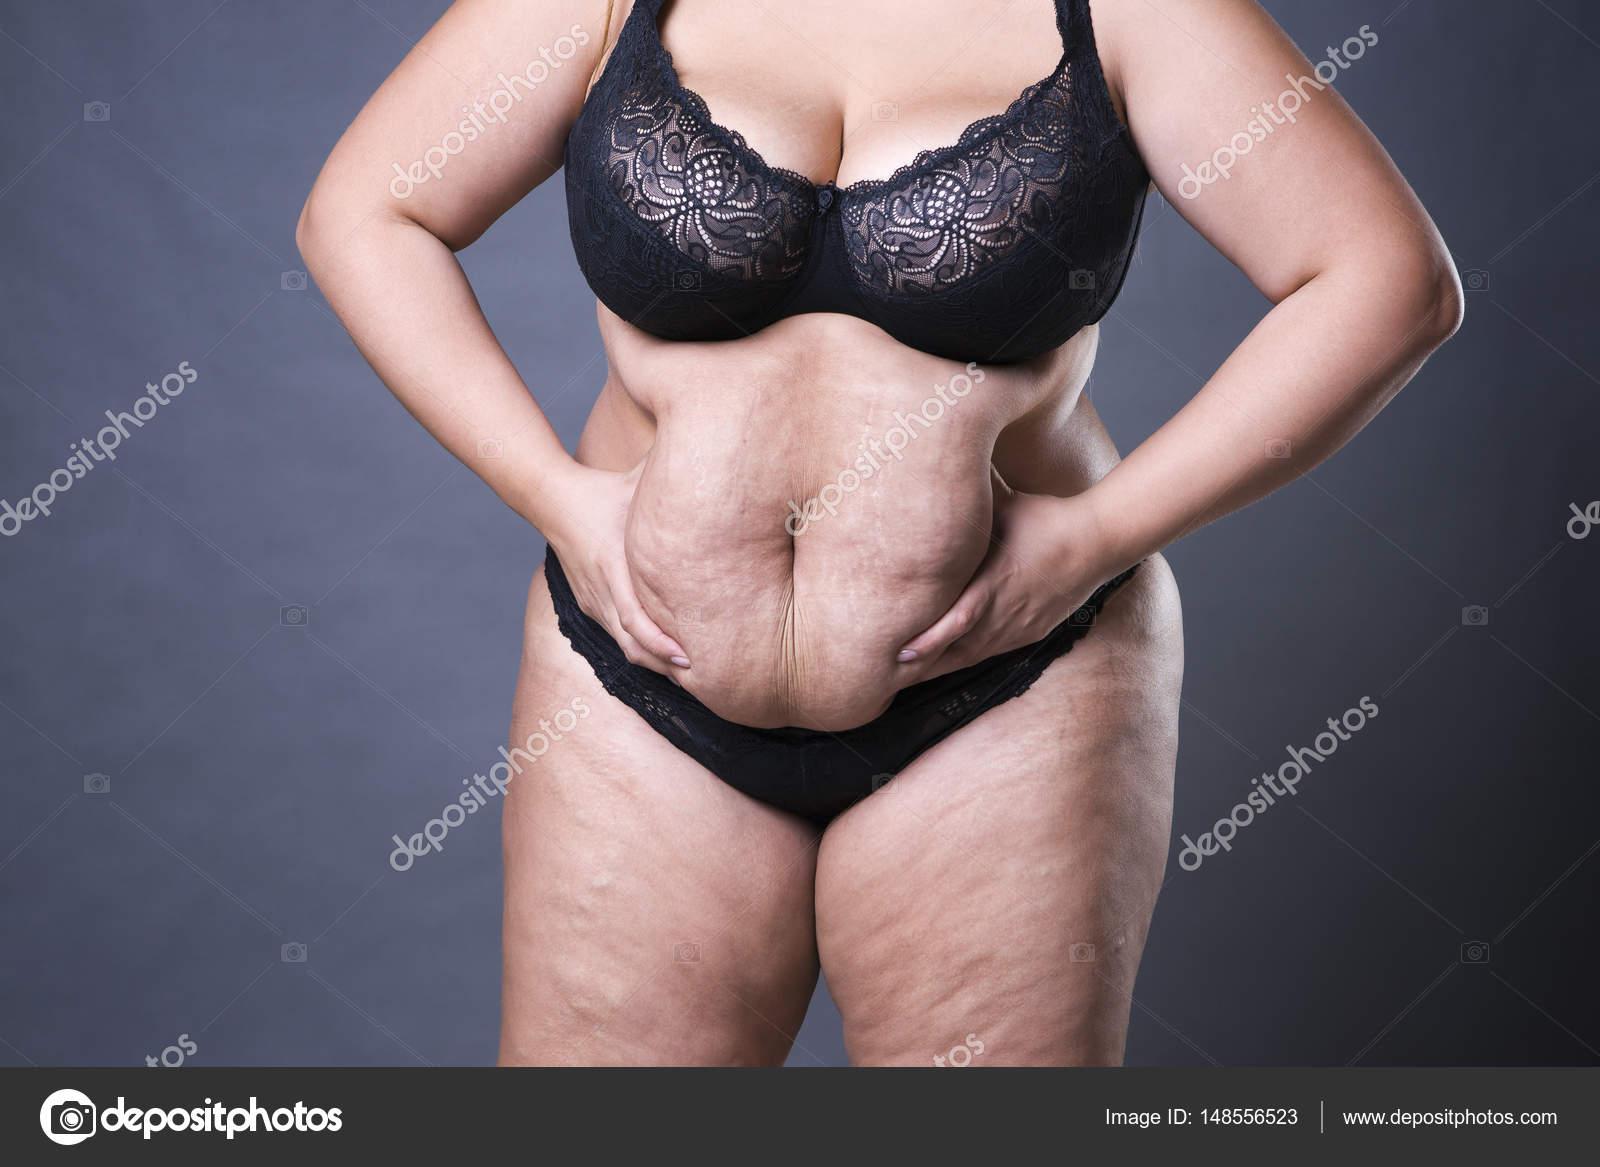 Фото отвисшие маленькие груди, Висячие сиськи - отвисшие сиськи, титьки и висячая 26 фотография